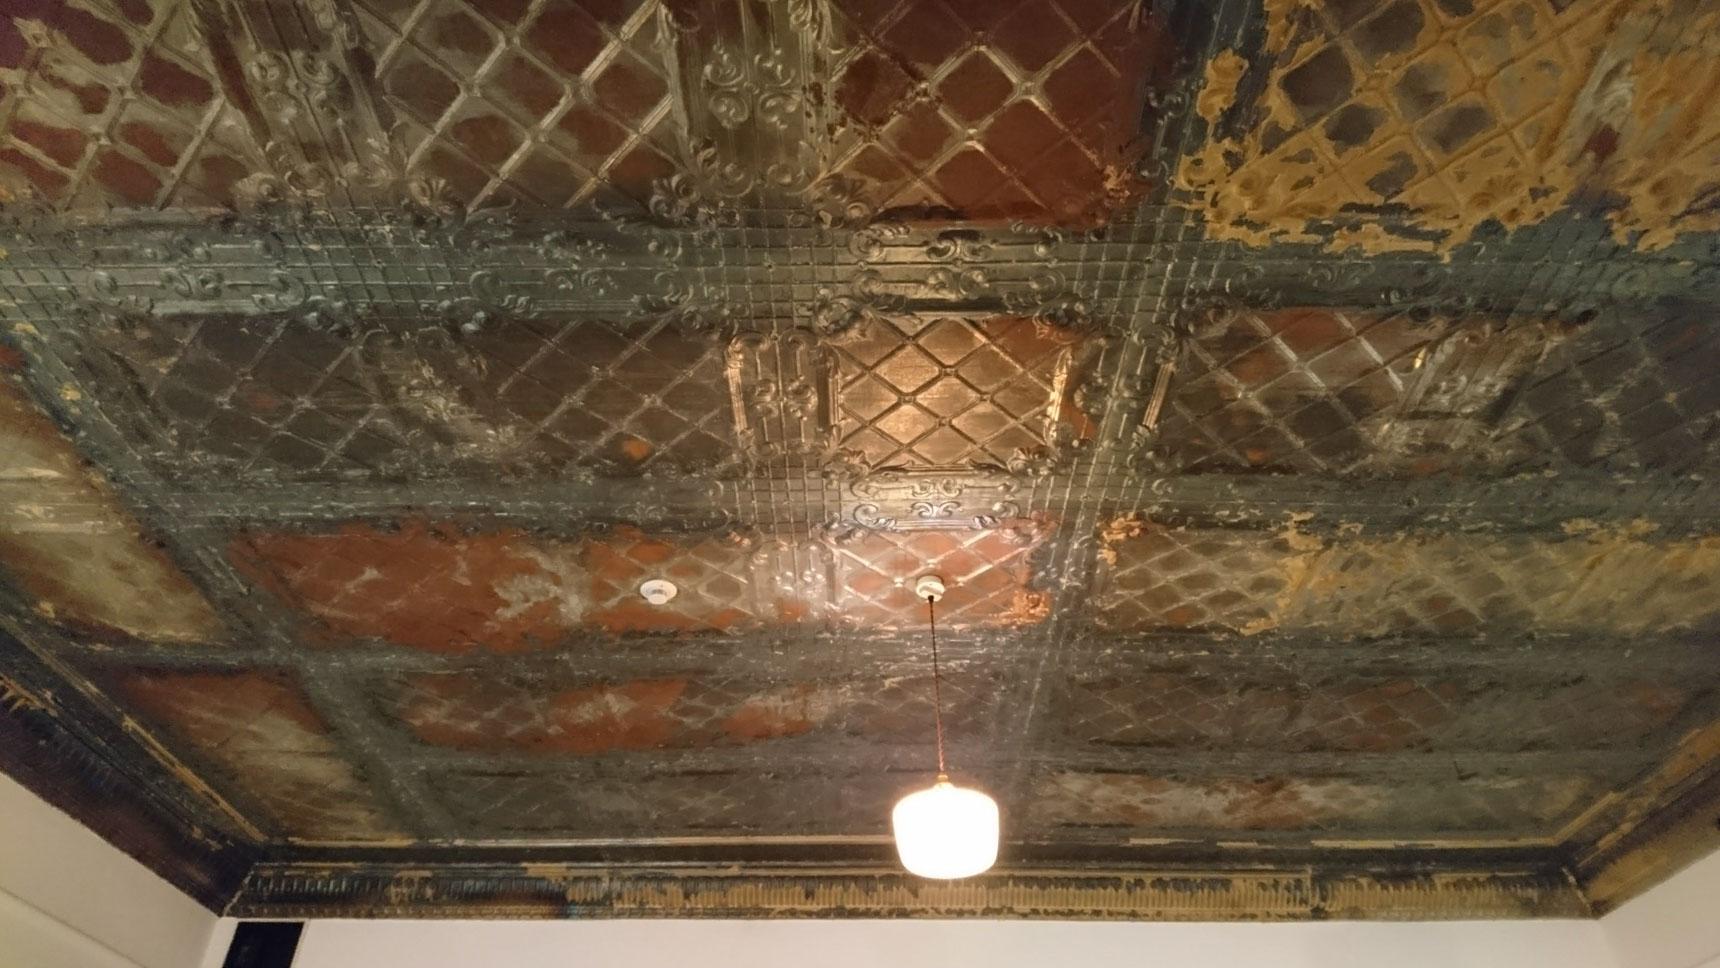 ふと見上げると、100年前の天井が、そのまま残っていました。この場所にぴったりなコンセプトのお店で、時間を忘れて隅々まで見入ってしまいました。